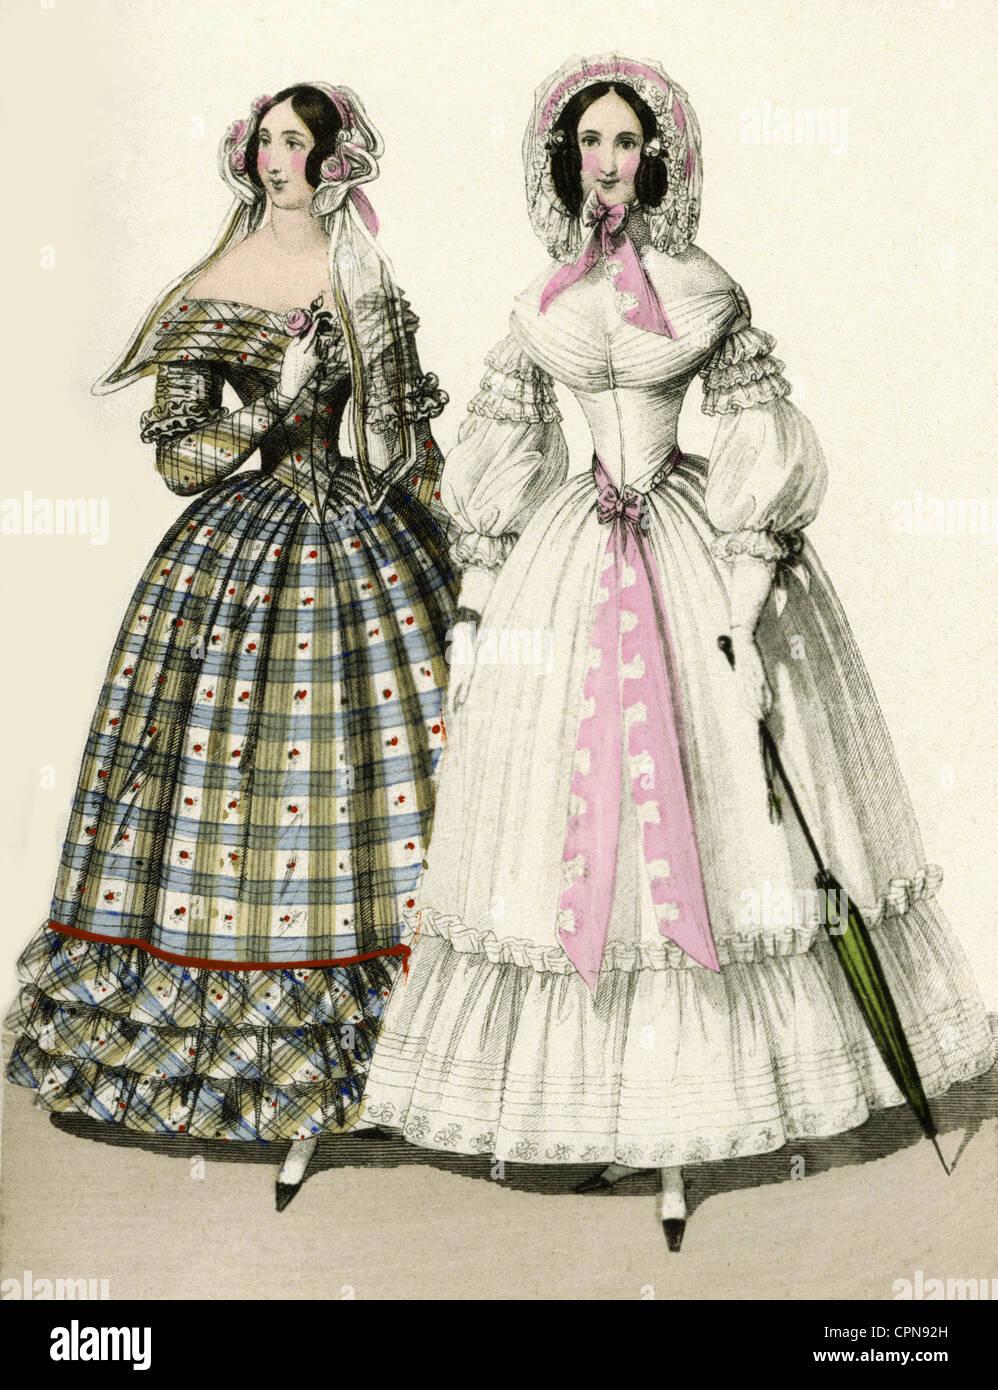 Fashion, Ladies' Fashion, Biedermeier, Two Women